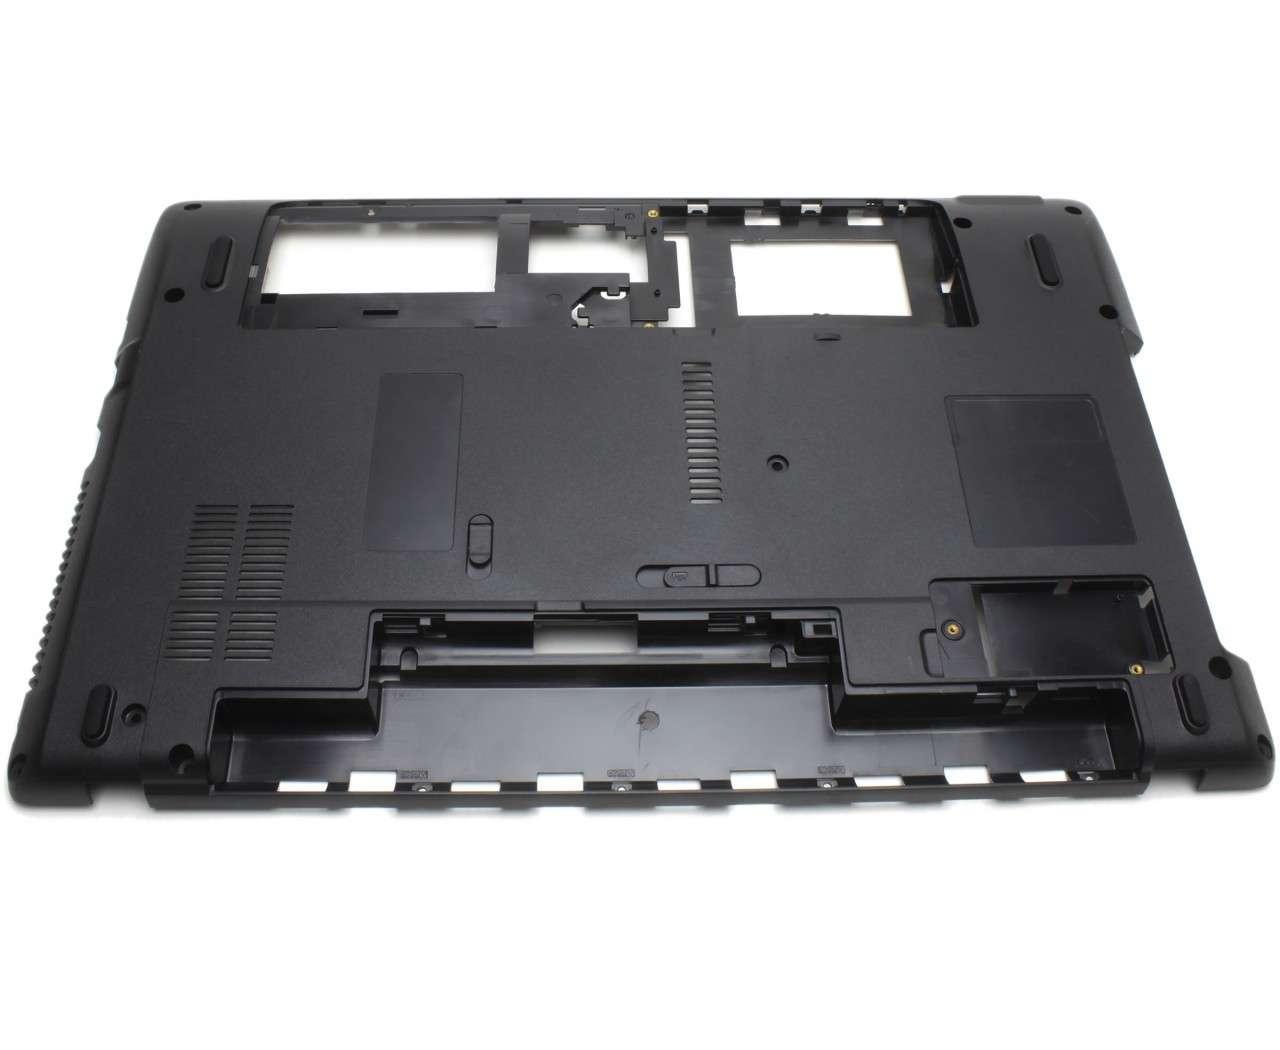 Bottom Case eMachines E644G Carcasa Inferioara cu codul AP0FO0007000 imagine powerlaptop.ro 2021